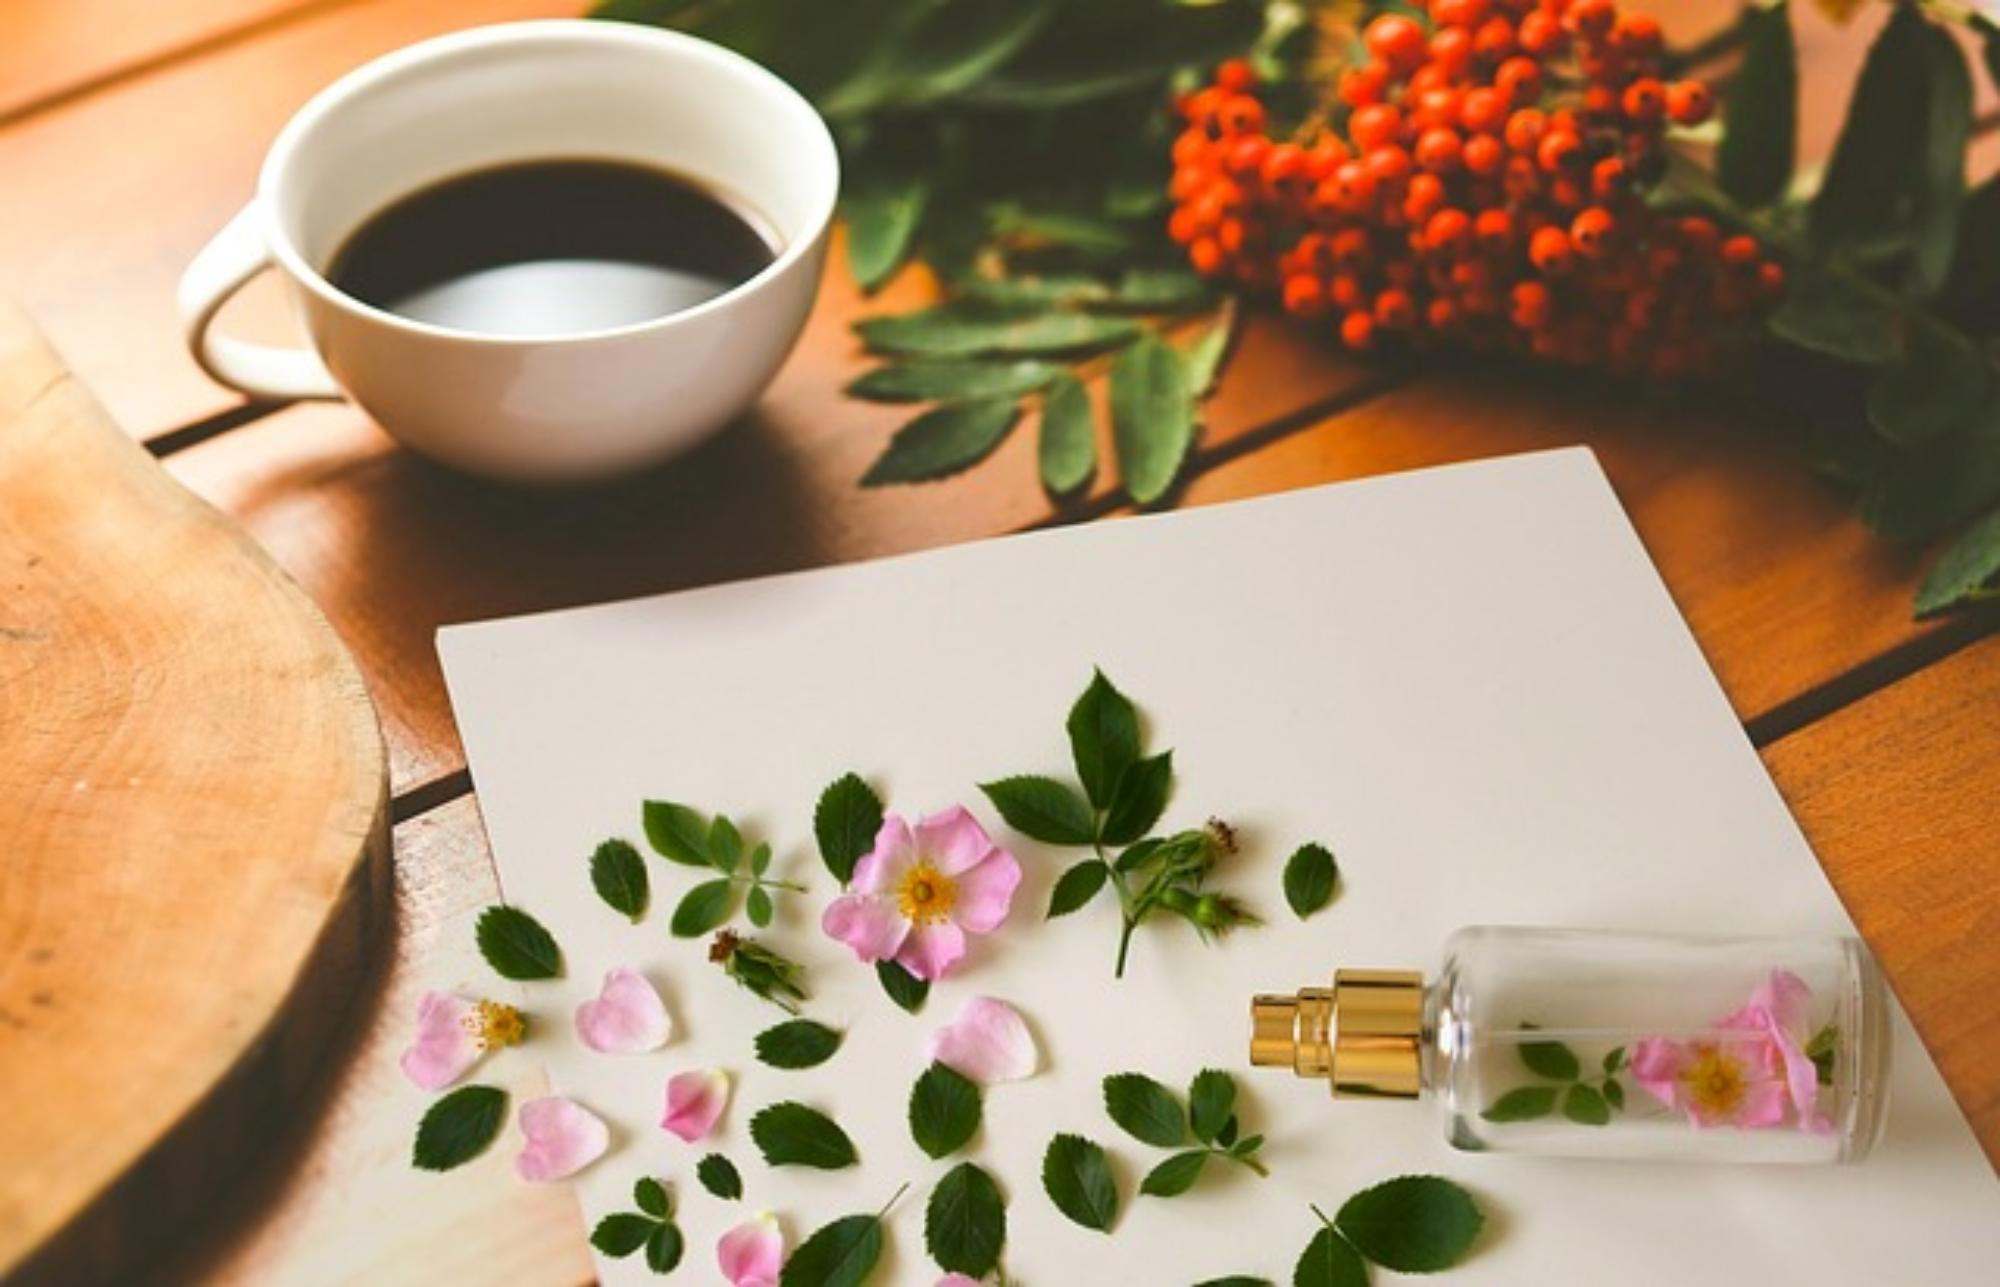 Wiosenne rozważania – jakie perfumy wybrać na wiosnę?